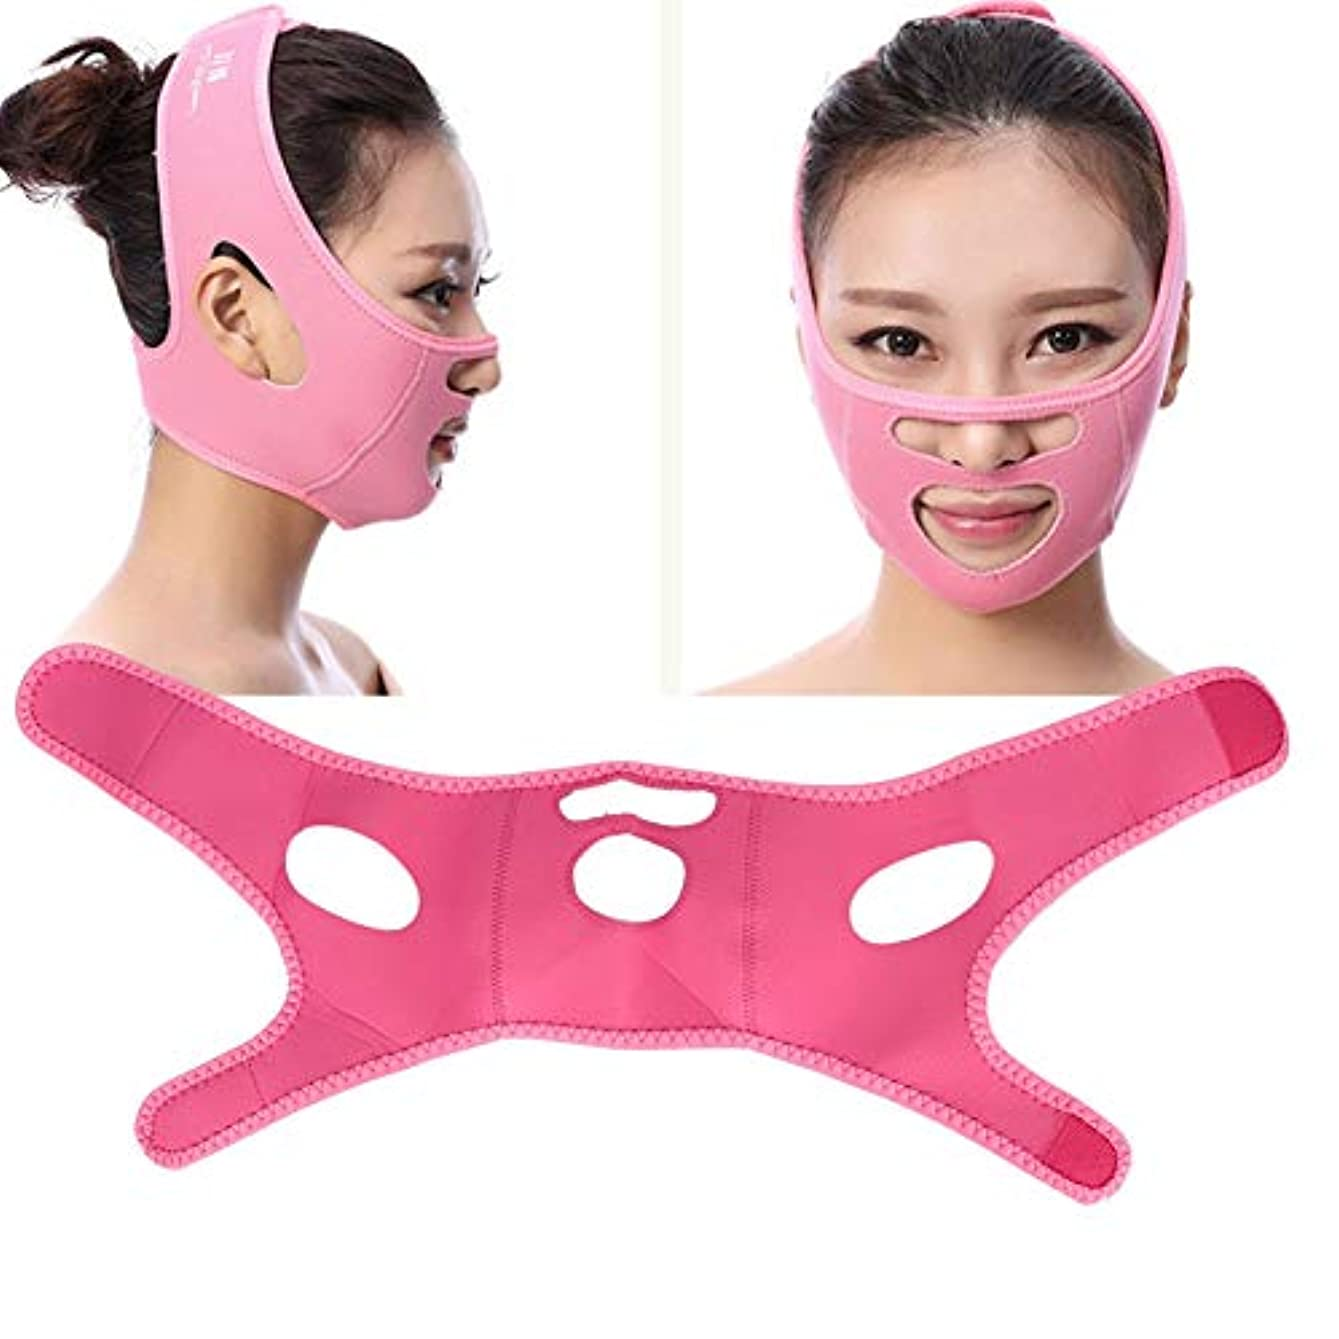 可能怒る仲人スリミングマスク - V字型マスク、フェイスマスクV型 - 首とあごを持ち上げるため、アンチエイジング、しわを軽減